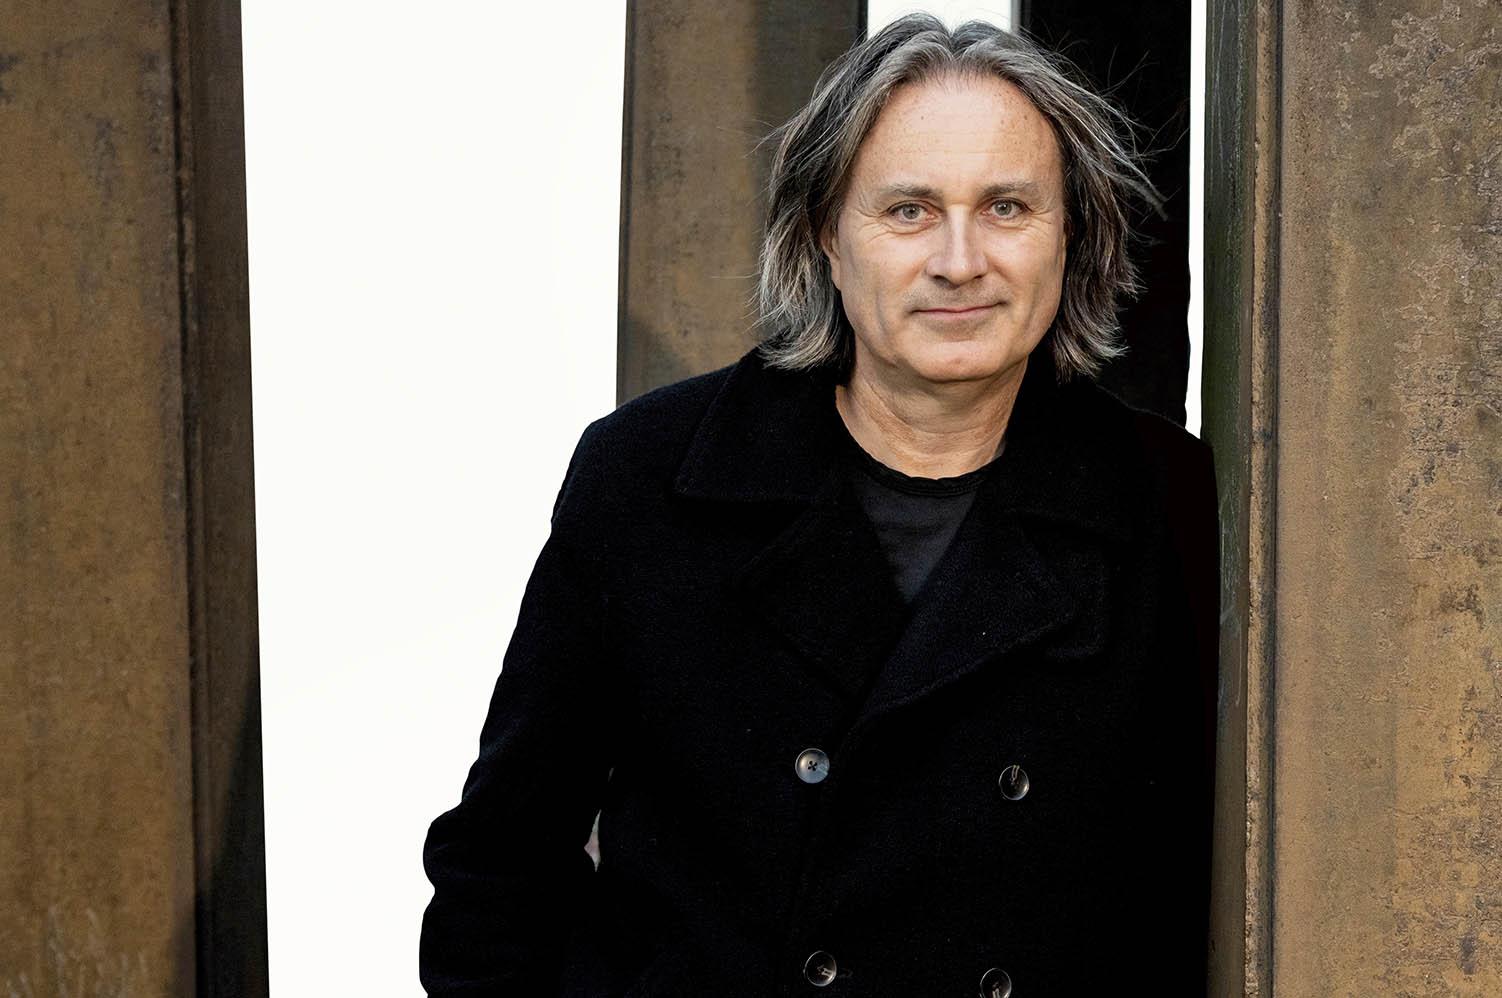 Hållbar musik lockar brittisk kompositör till Helsingborg